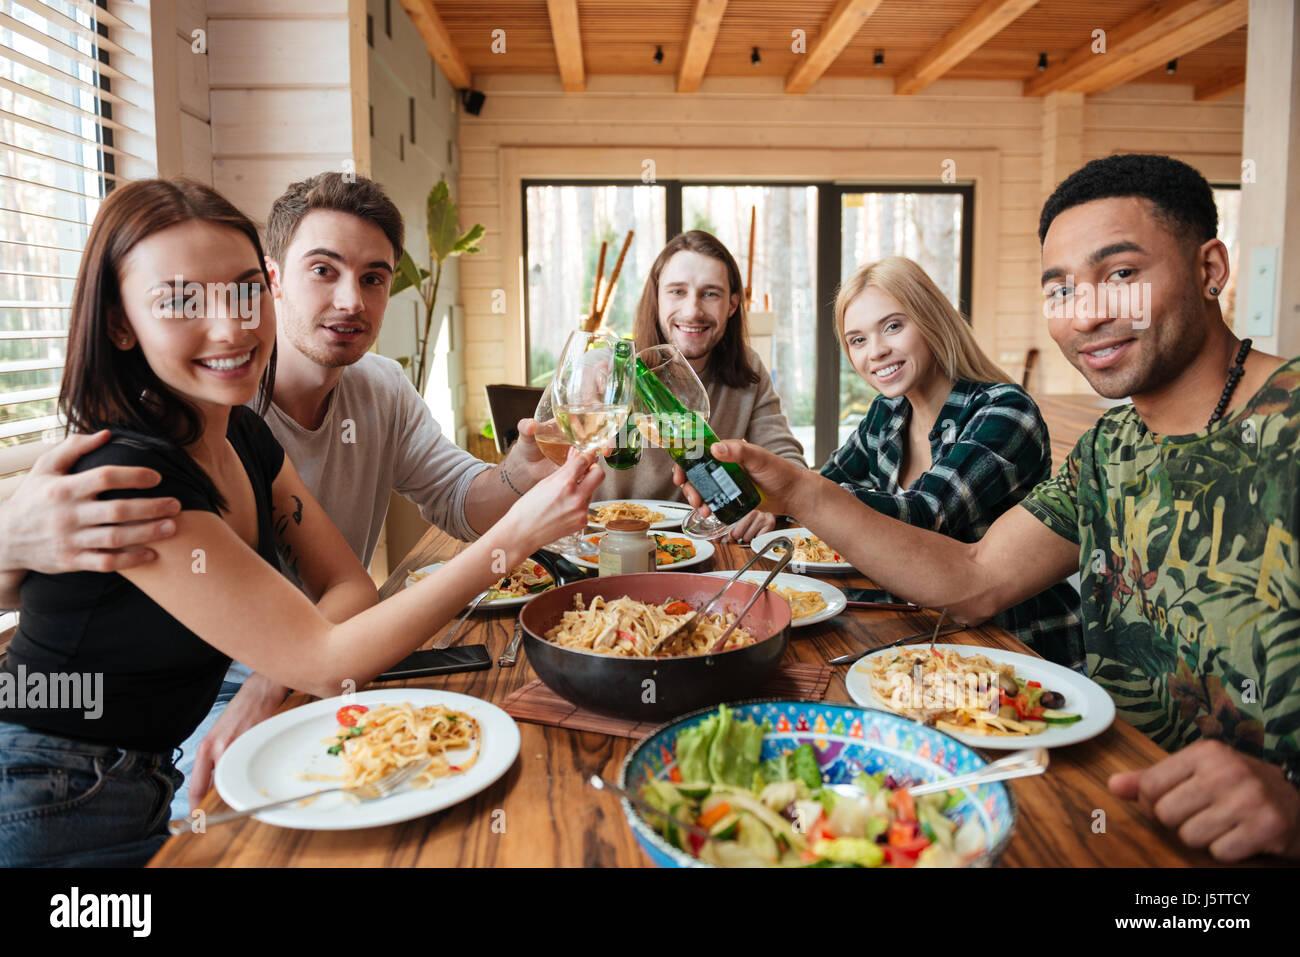 Gruppe von glücklichen jungen Freunden Wein trinken und Klirren der Gläser in der Küche Stockbild